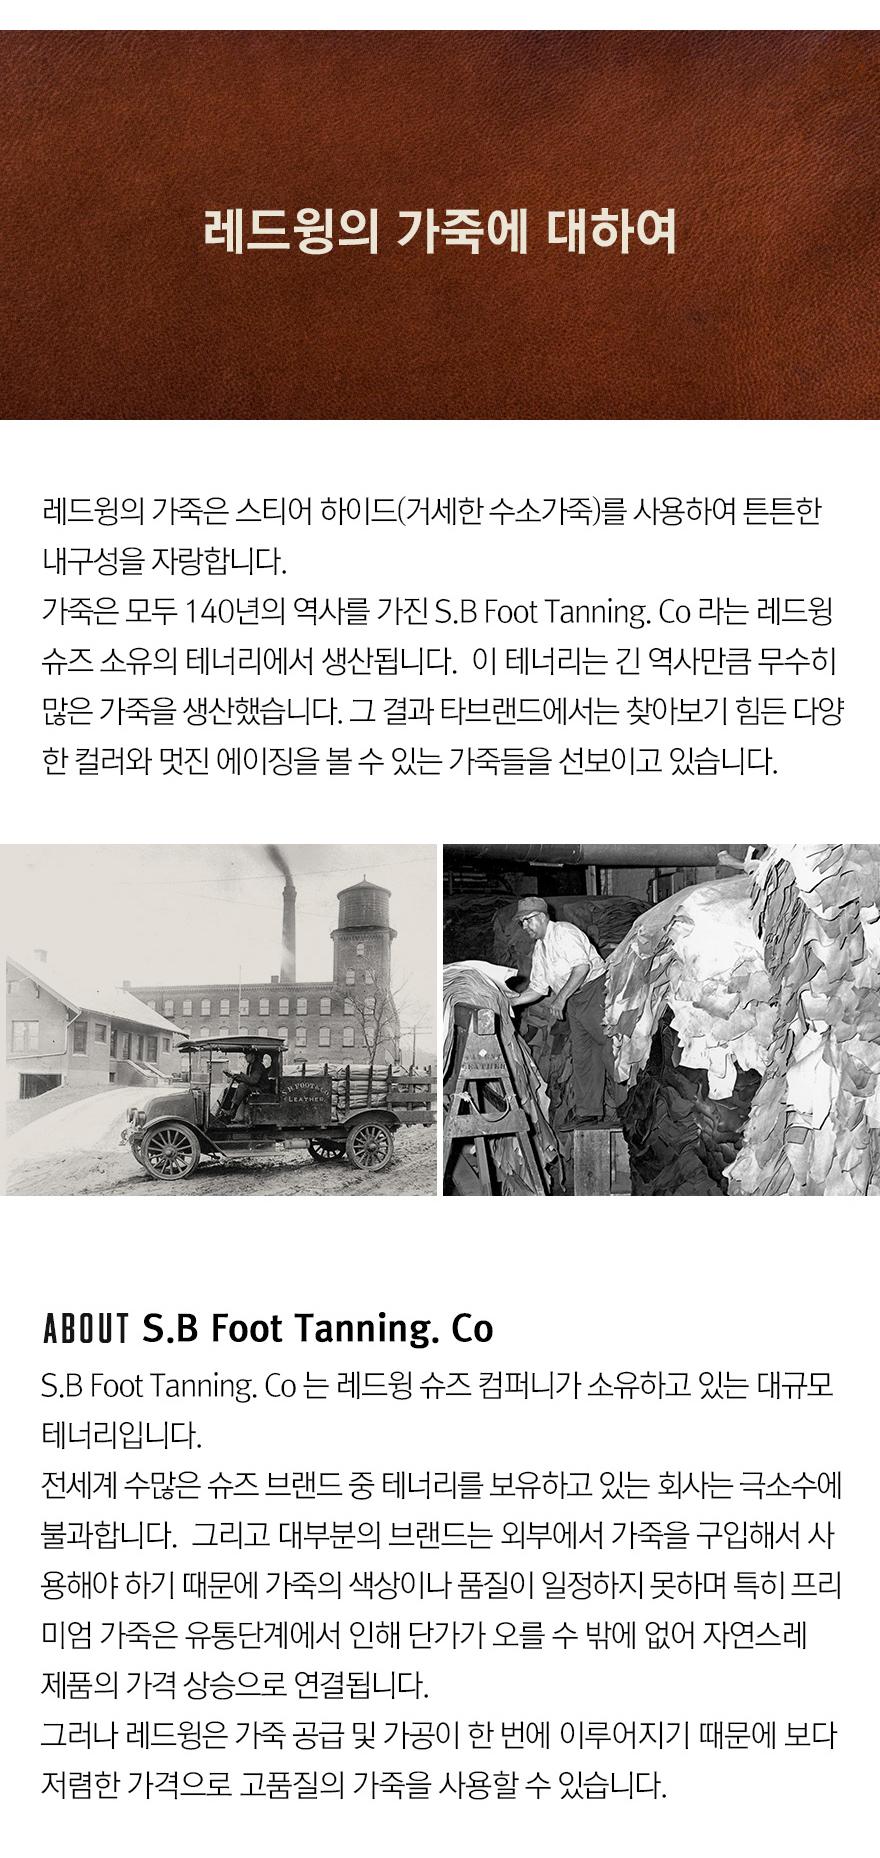 레드윙(REDWING) 바이폴드 지갑 95034 - 앰버 프론티어